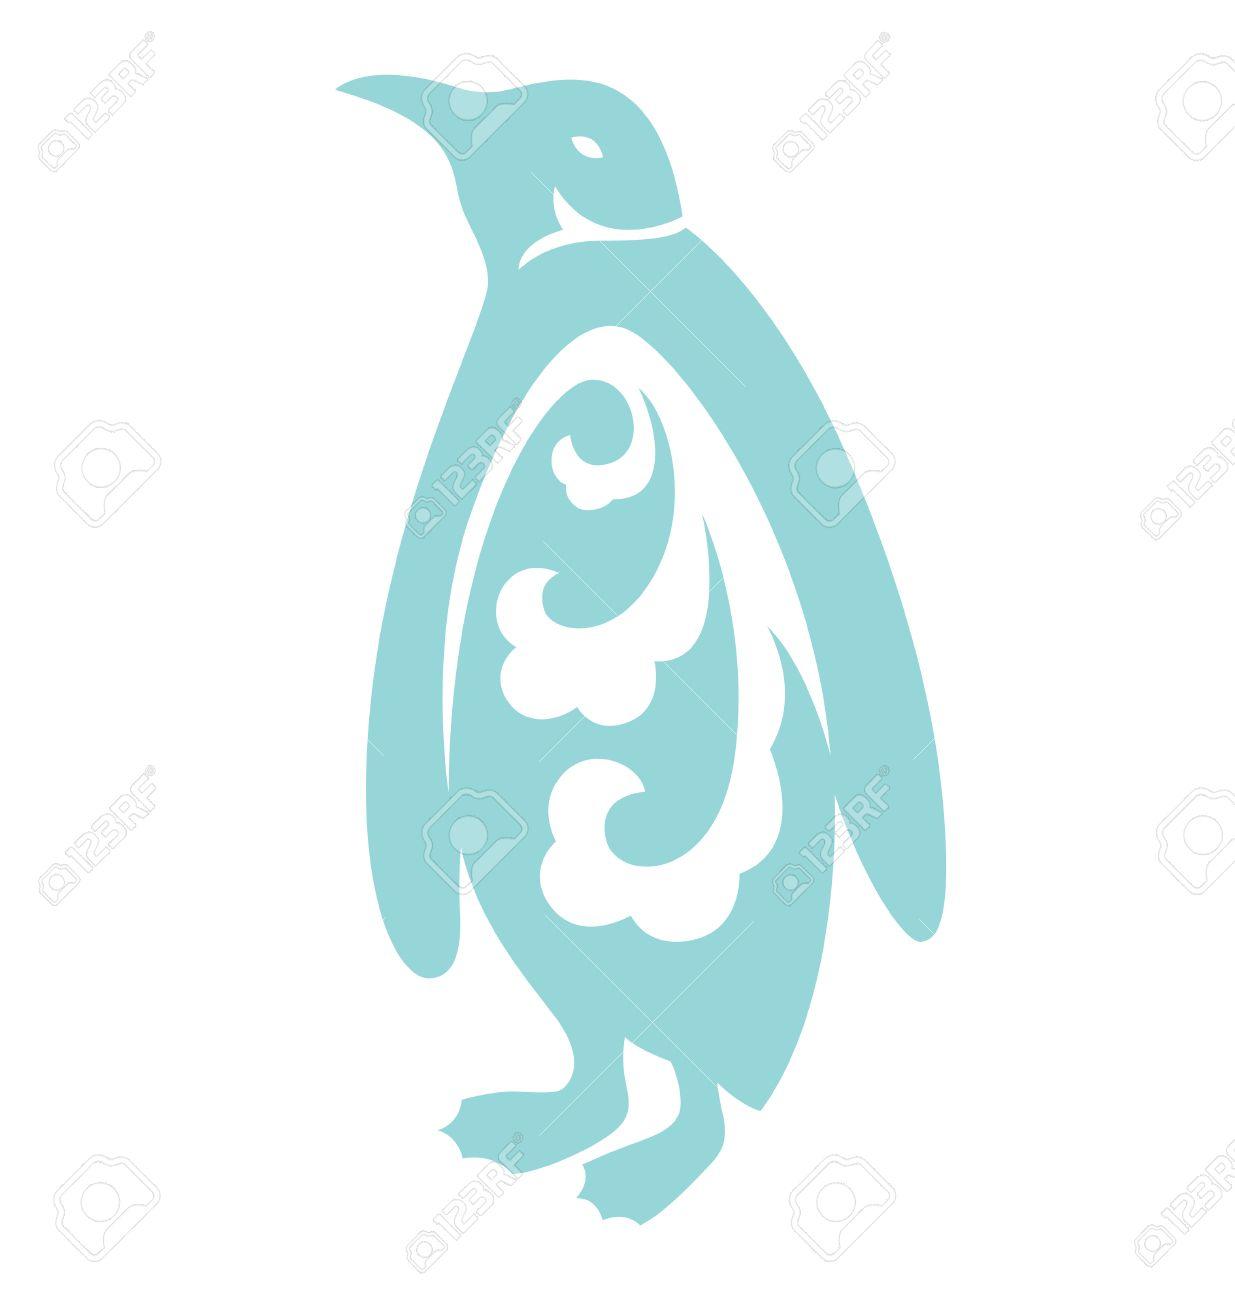 Penguin Silhouette Illustriert Mit Organischen Form Innerhalb Des ...